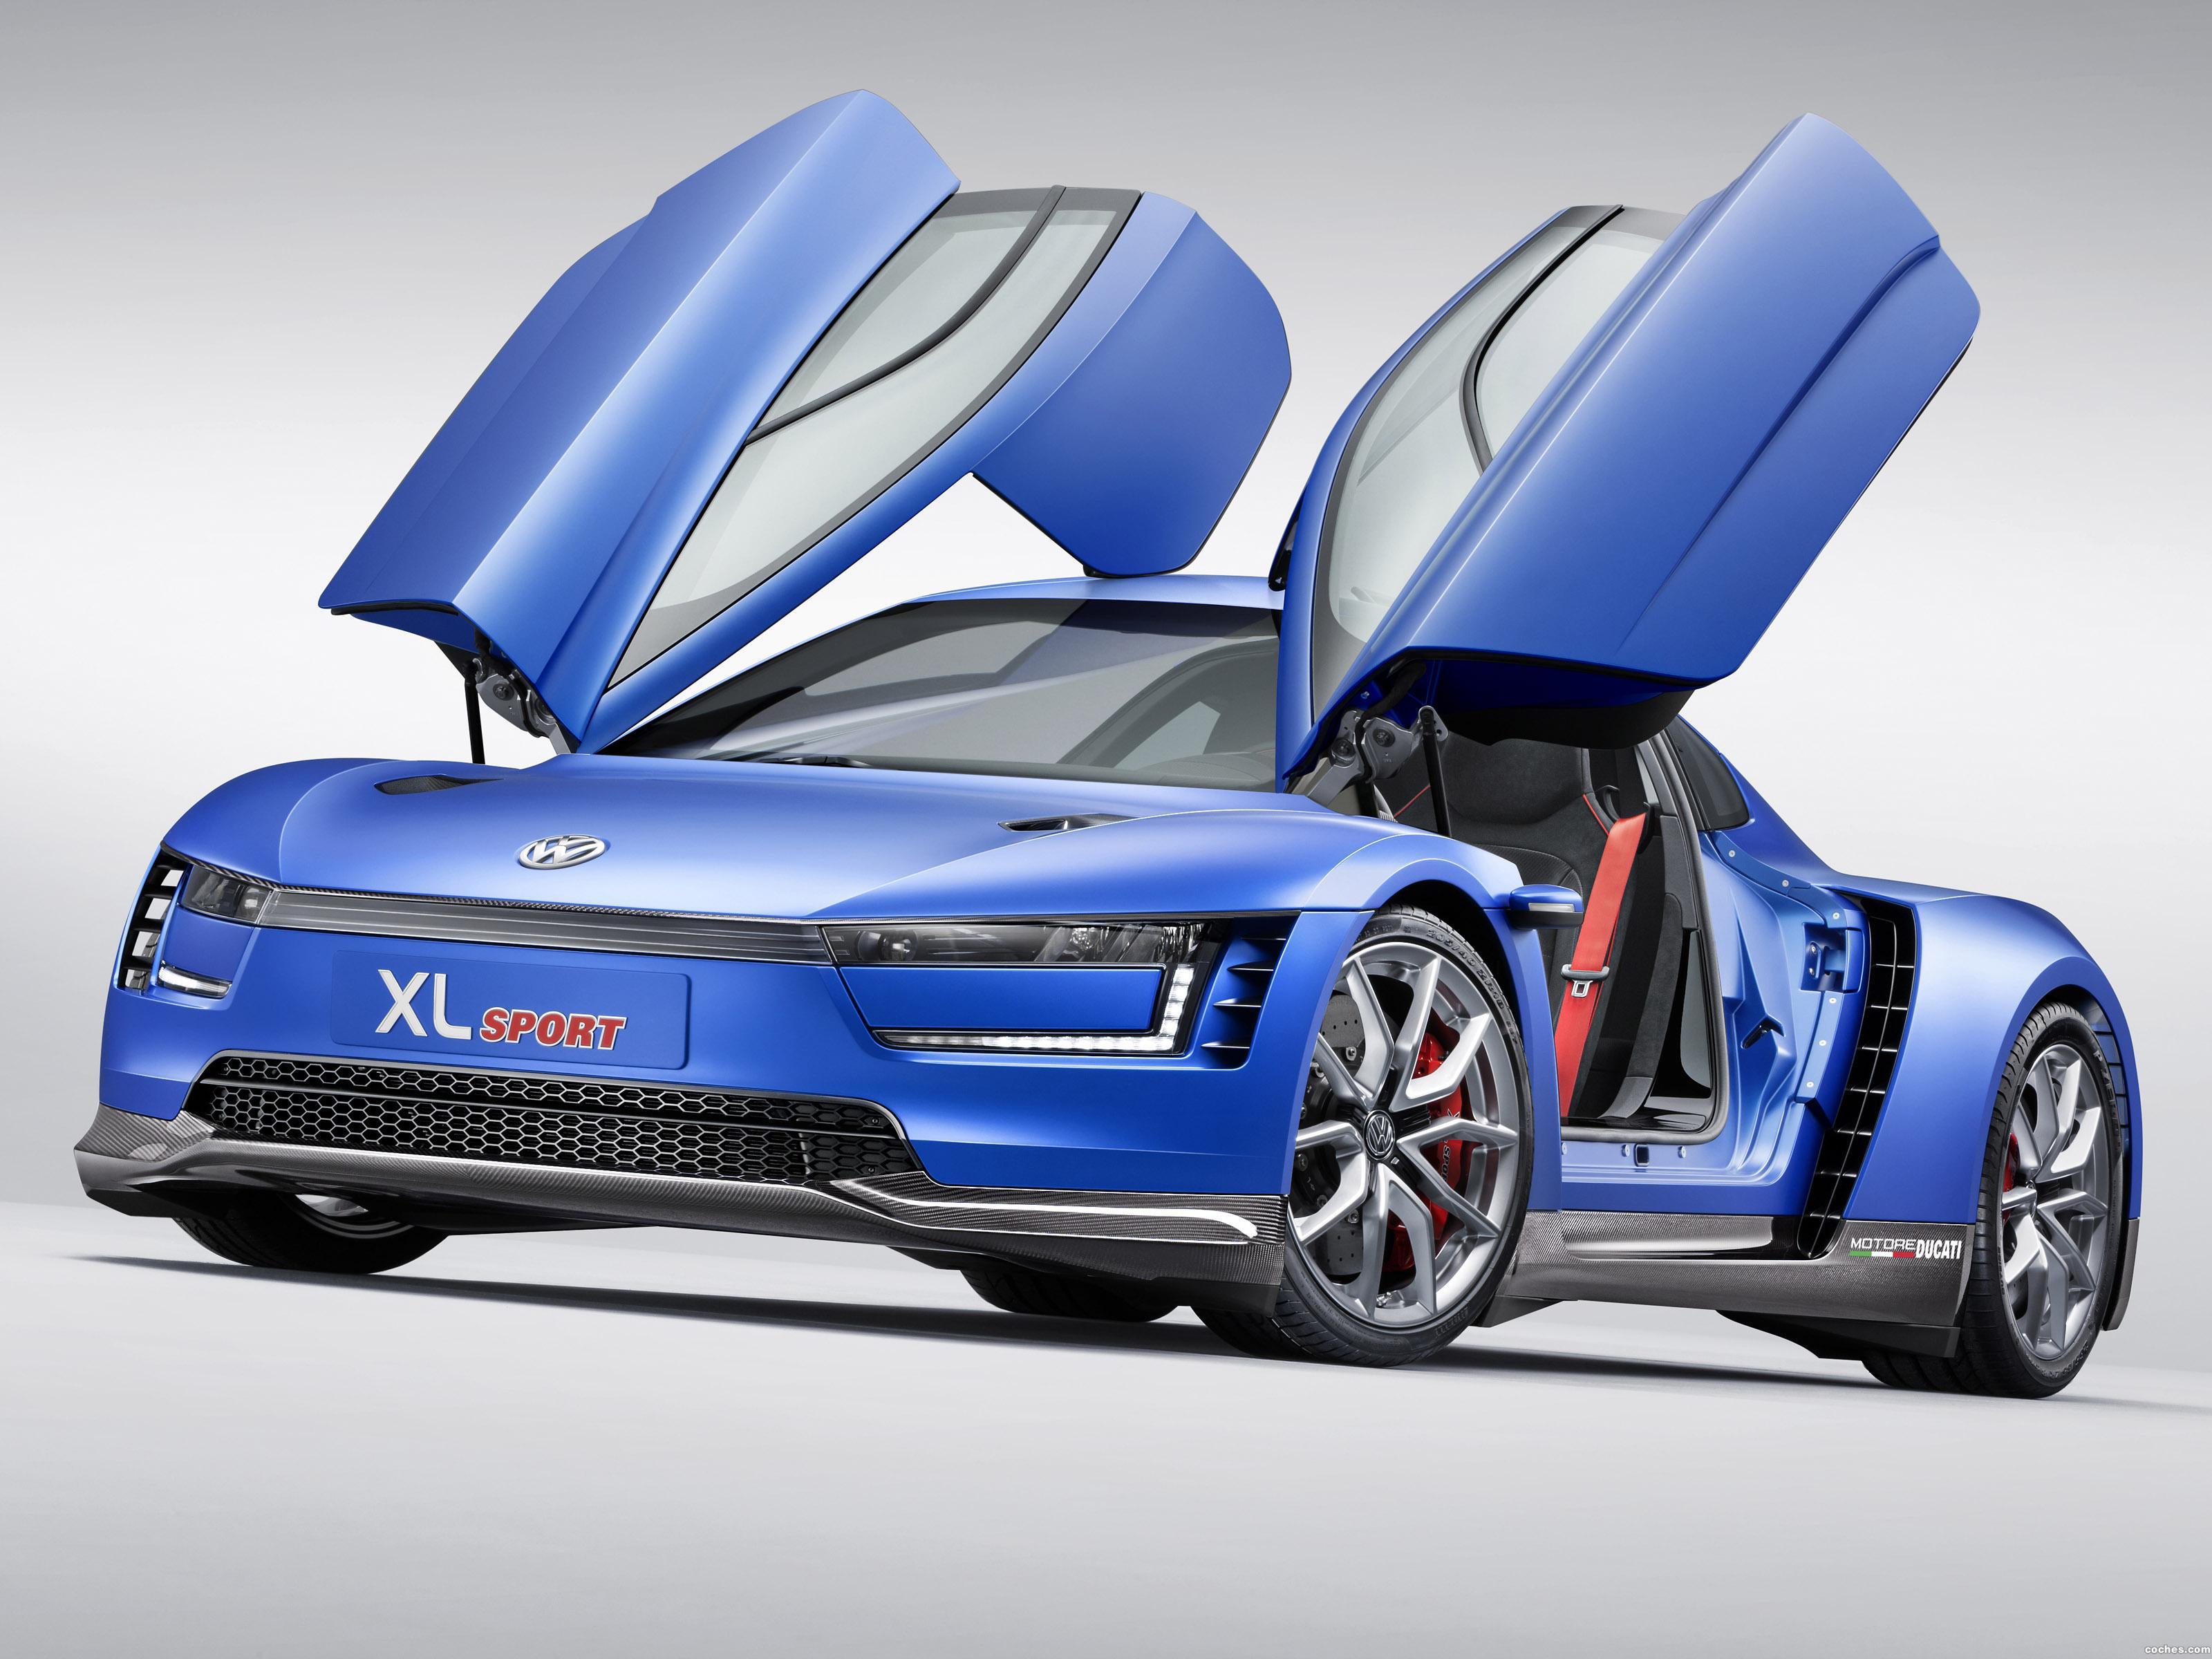 Foto 0 de Volkswagen XL Sport Concept 2014